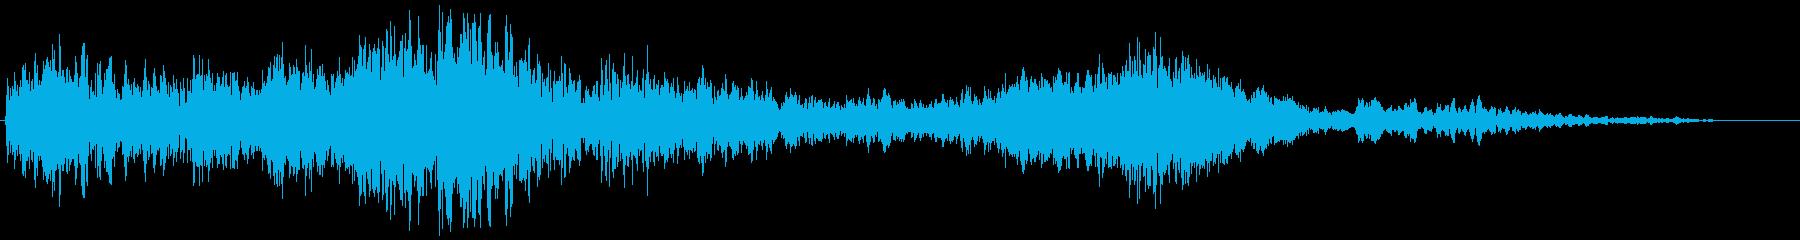 【ホラー演出】敵の住処の再生済みの波形